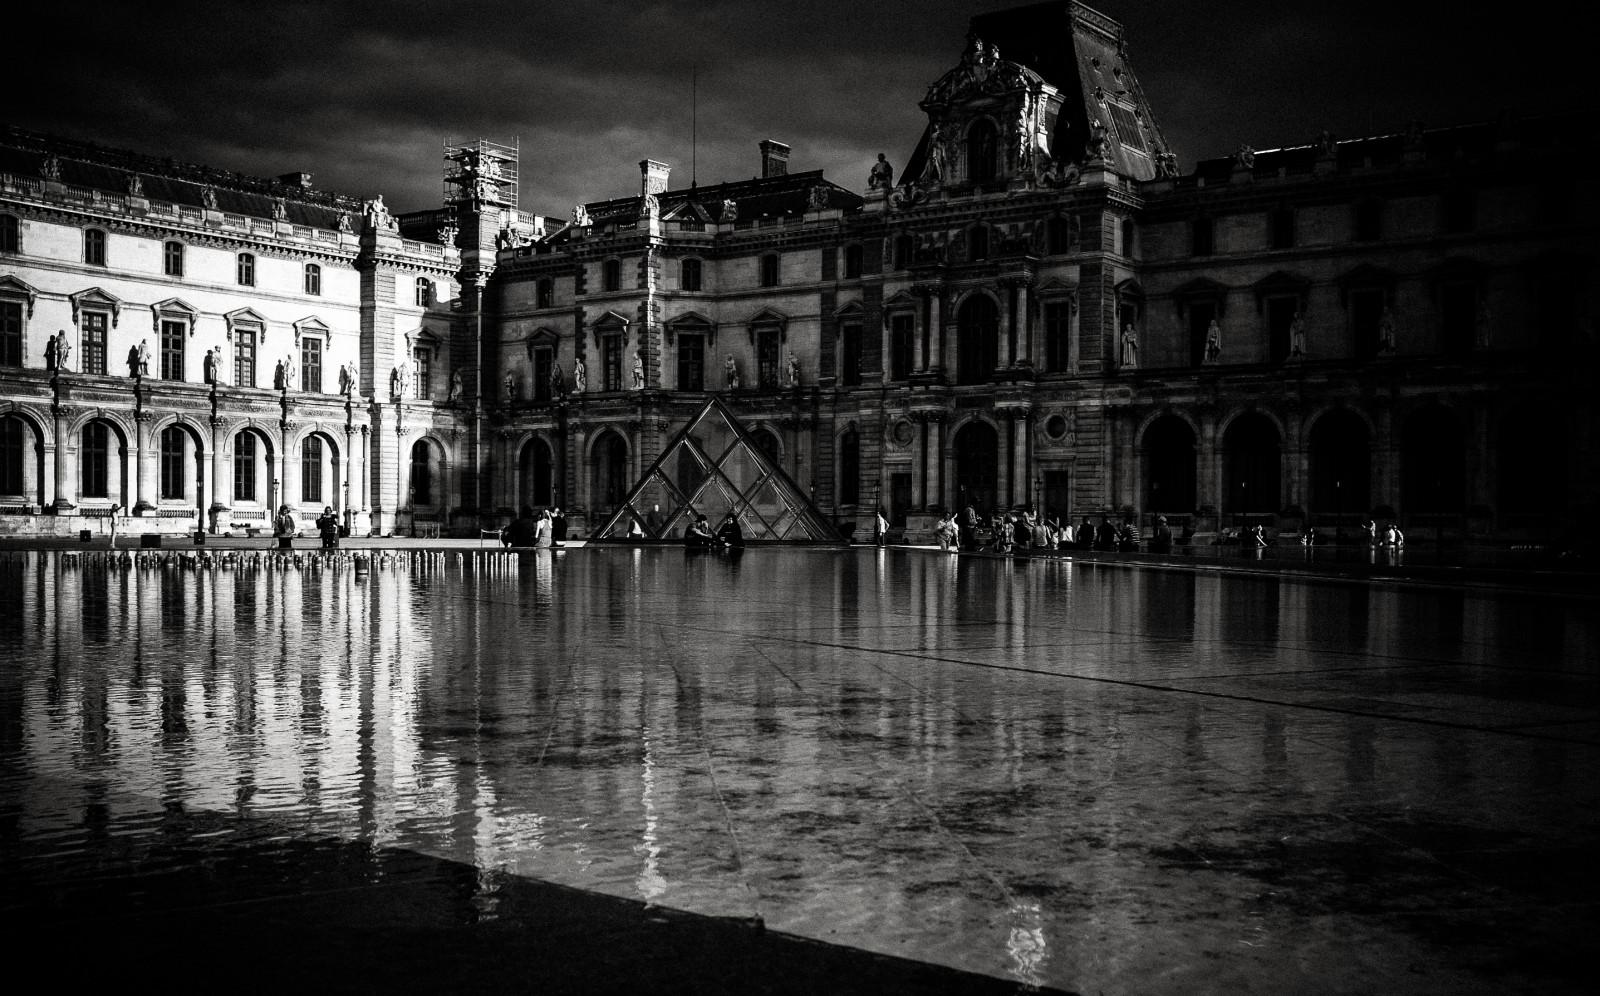 Fond d'écran : France, Bwphotography, noir et blanc ...